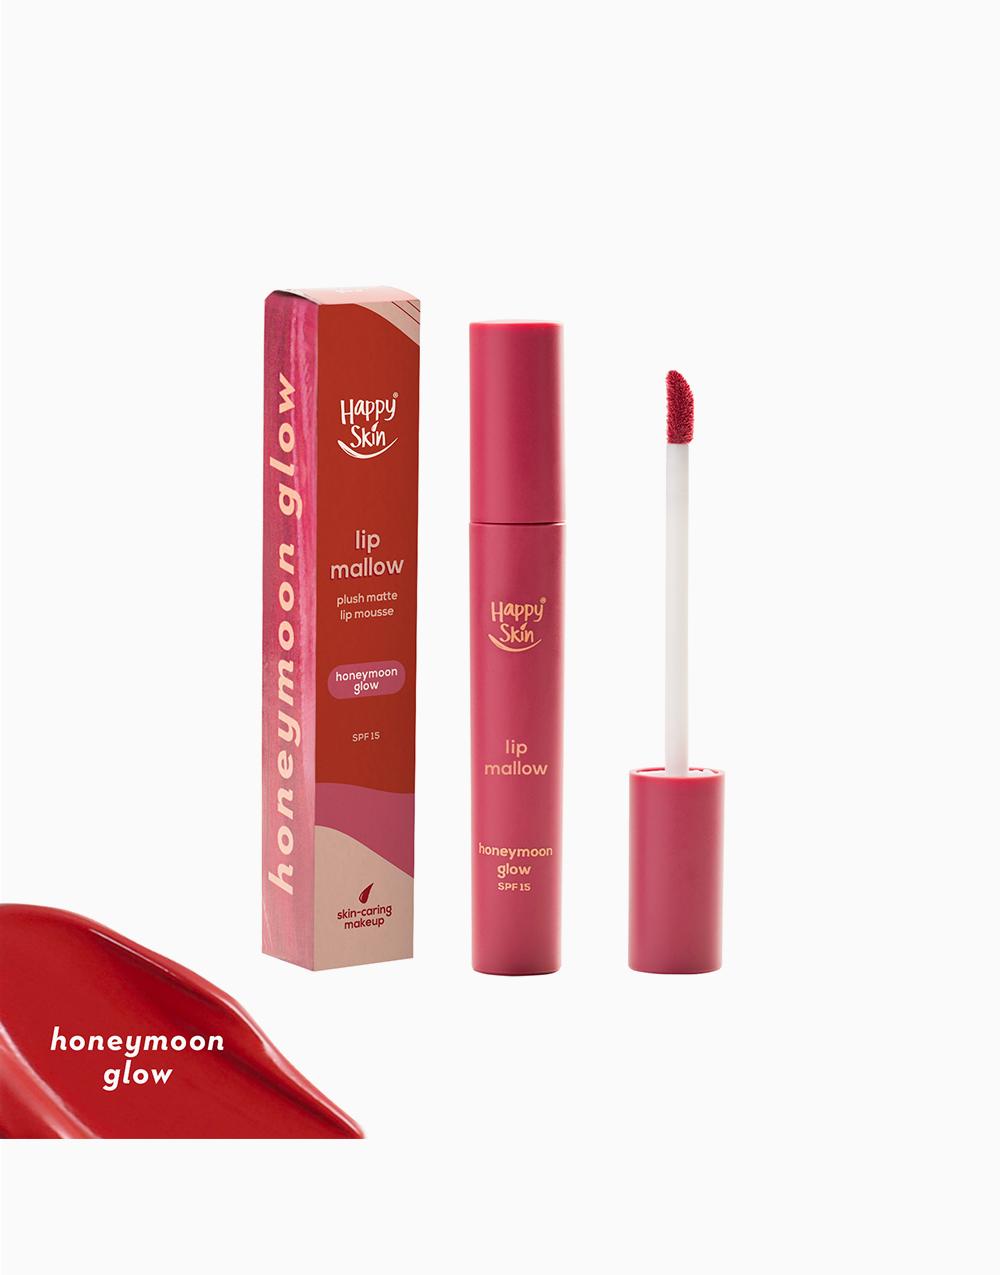 Lip Mallow Mousse by Happy Skin | Honeymoon Glow